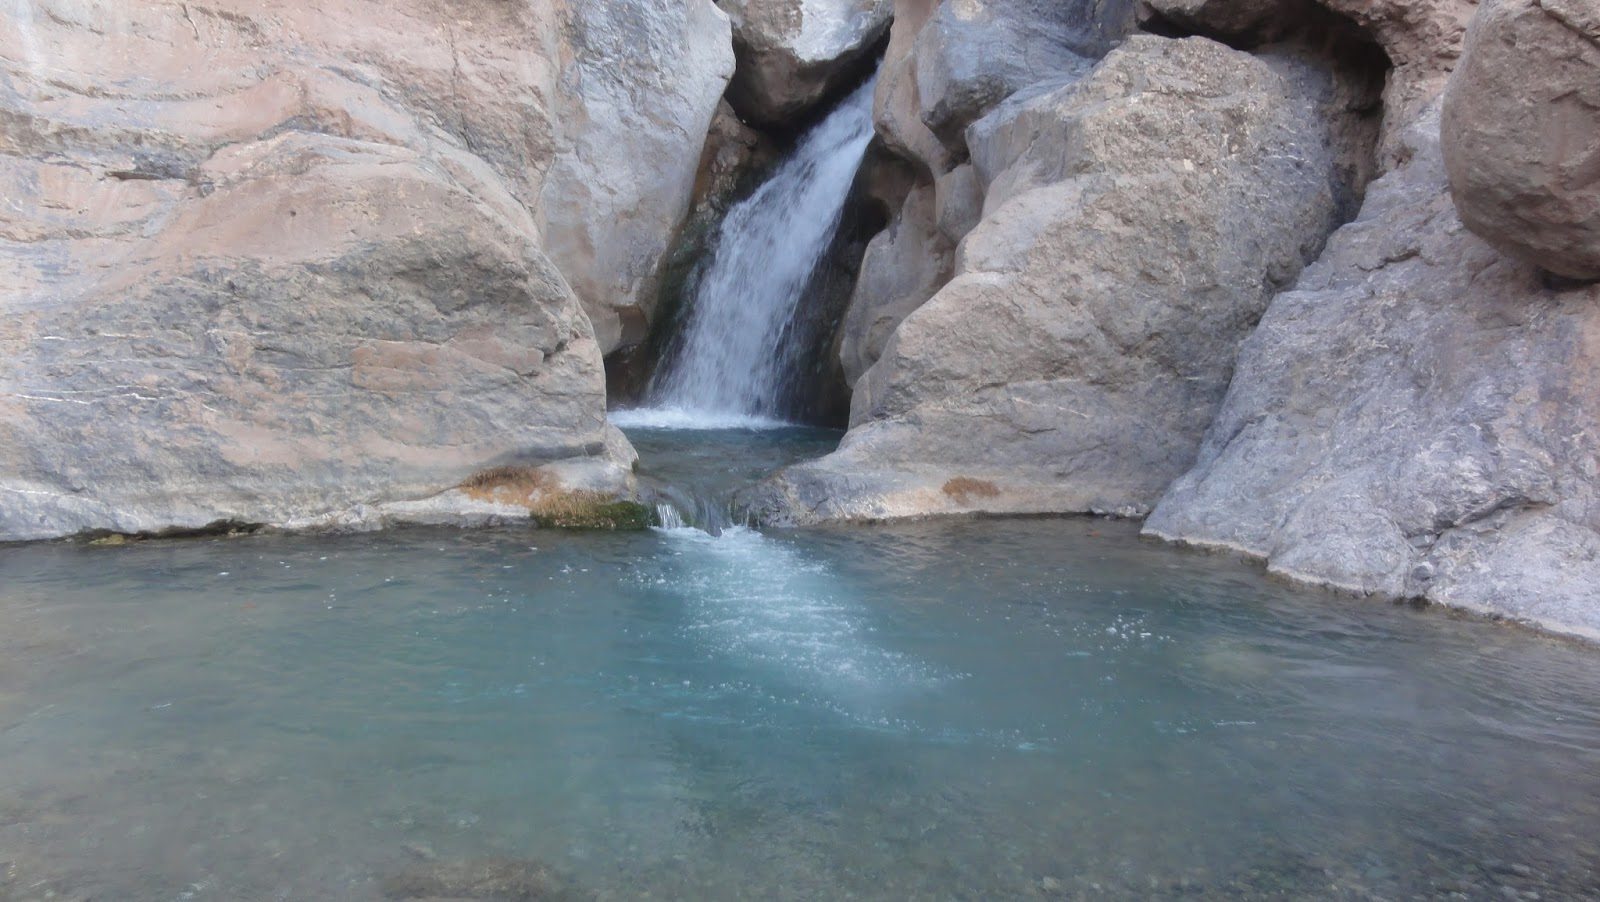 Trek maroc 2 s jour chez l 39 habitant dans la vall e d 39 ahansal - Chambre chez l habitant marrakech ...